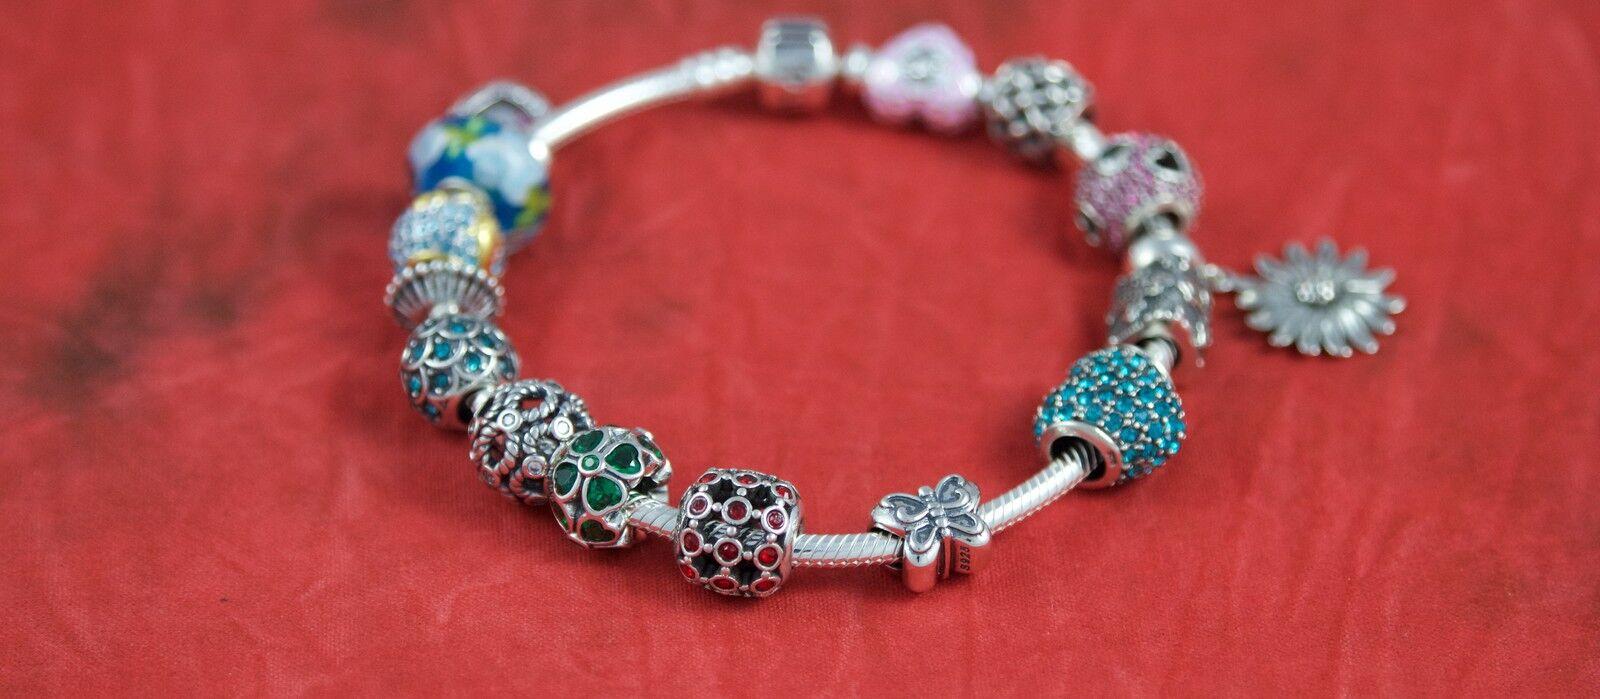 D'argento Jewelry